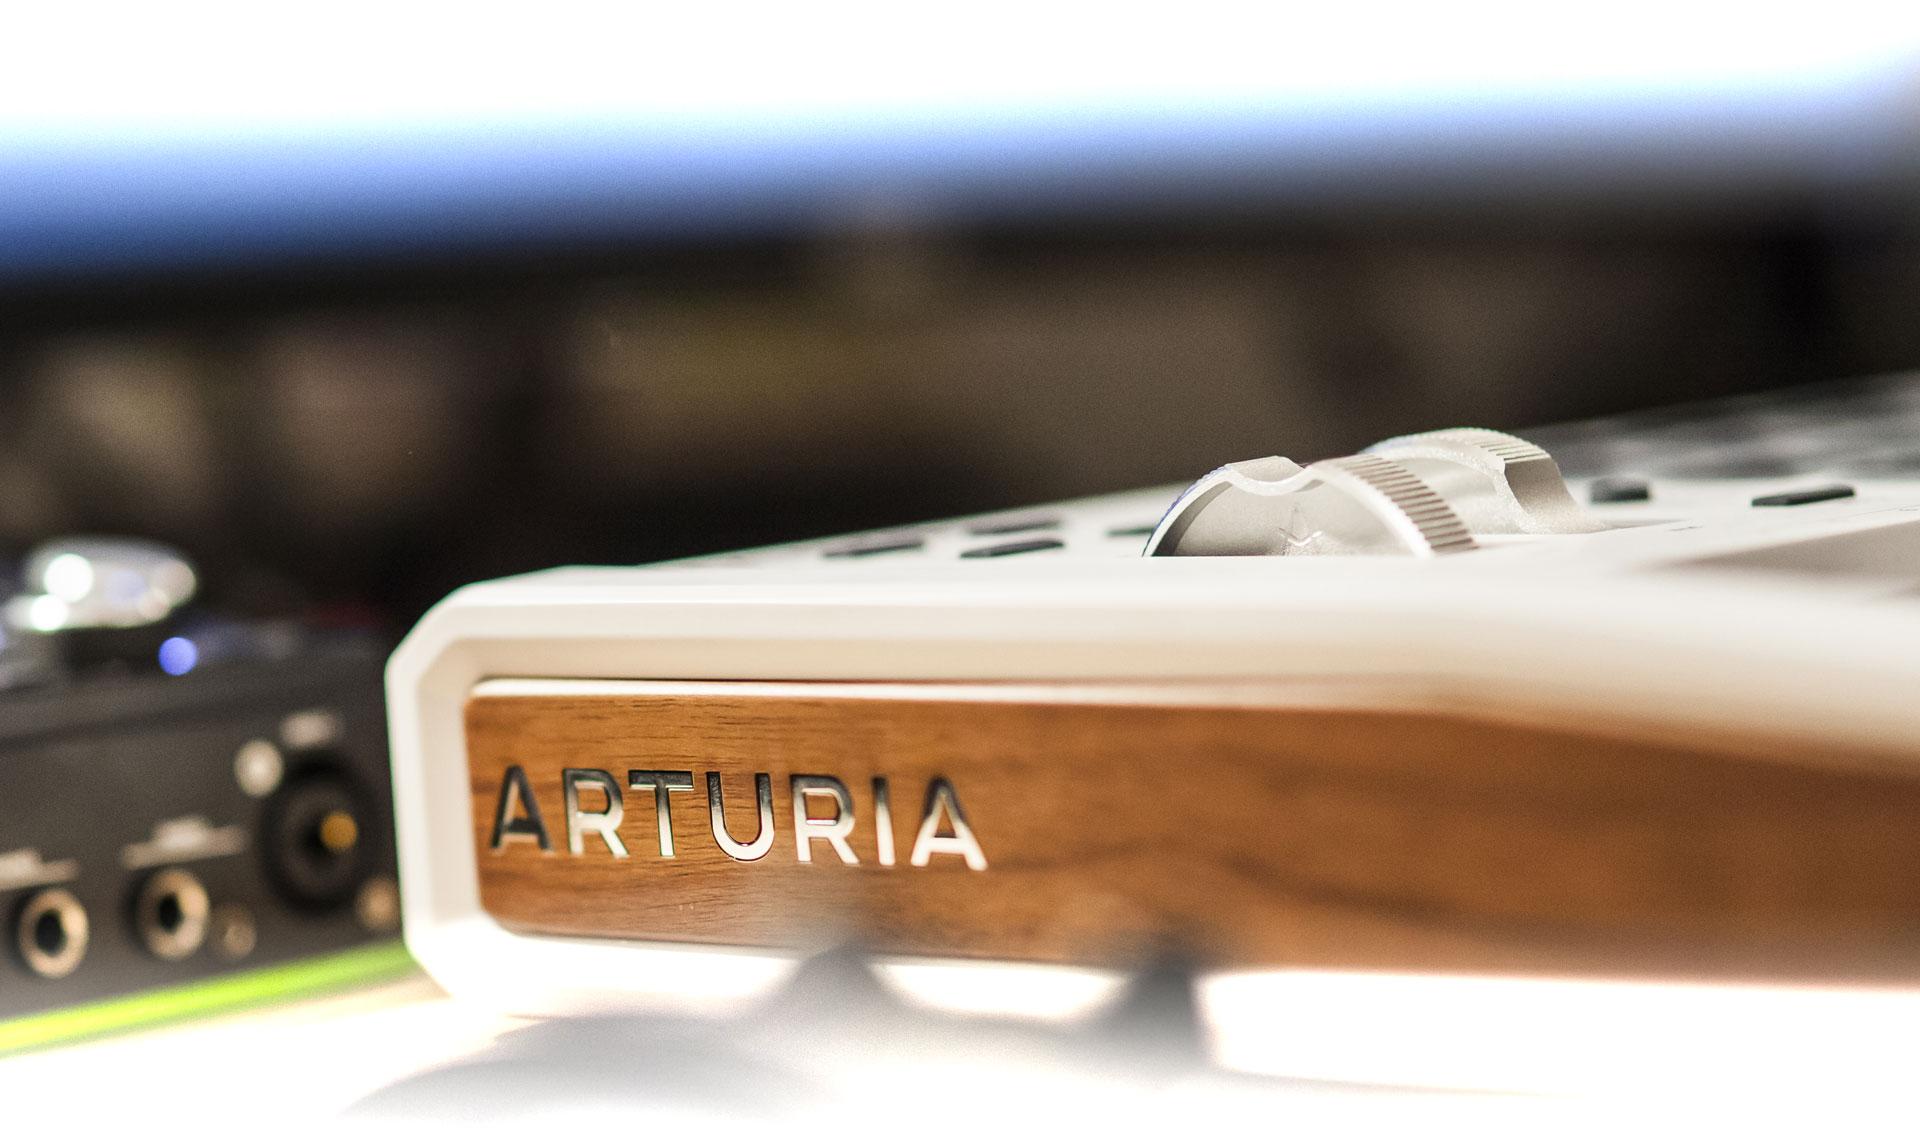 Arturia - Details